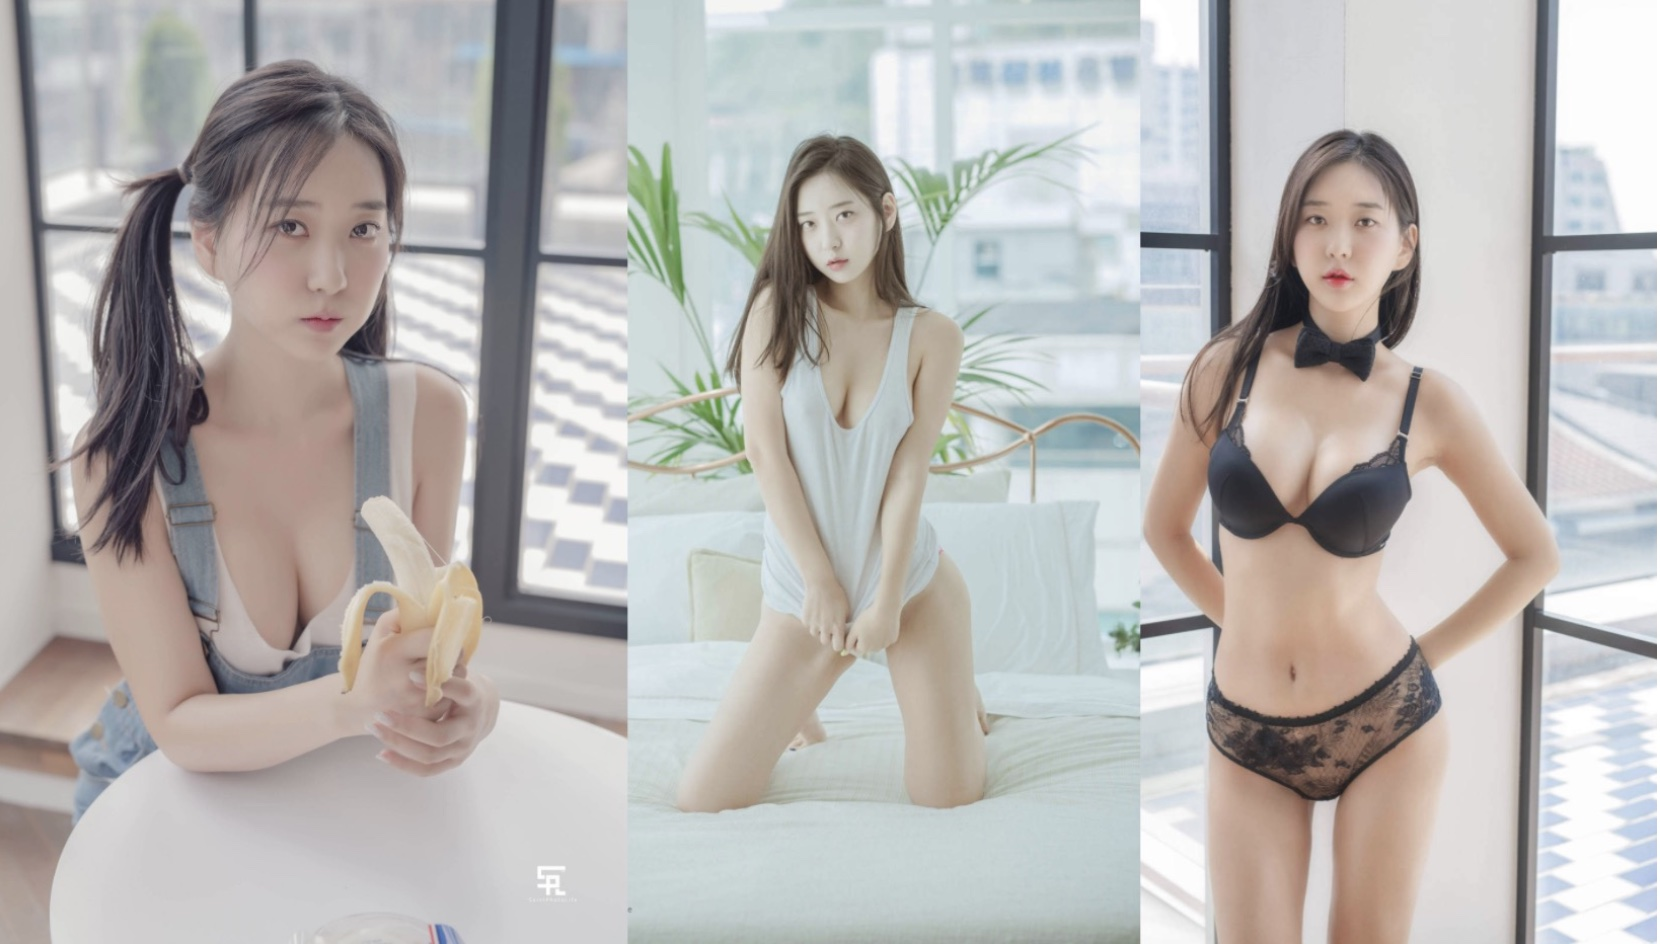 韩国模特申才恩11套高清写真图包 [516P/2.76G]